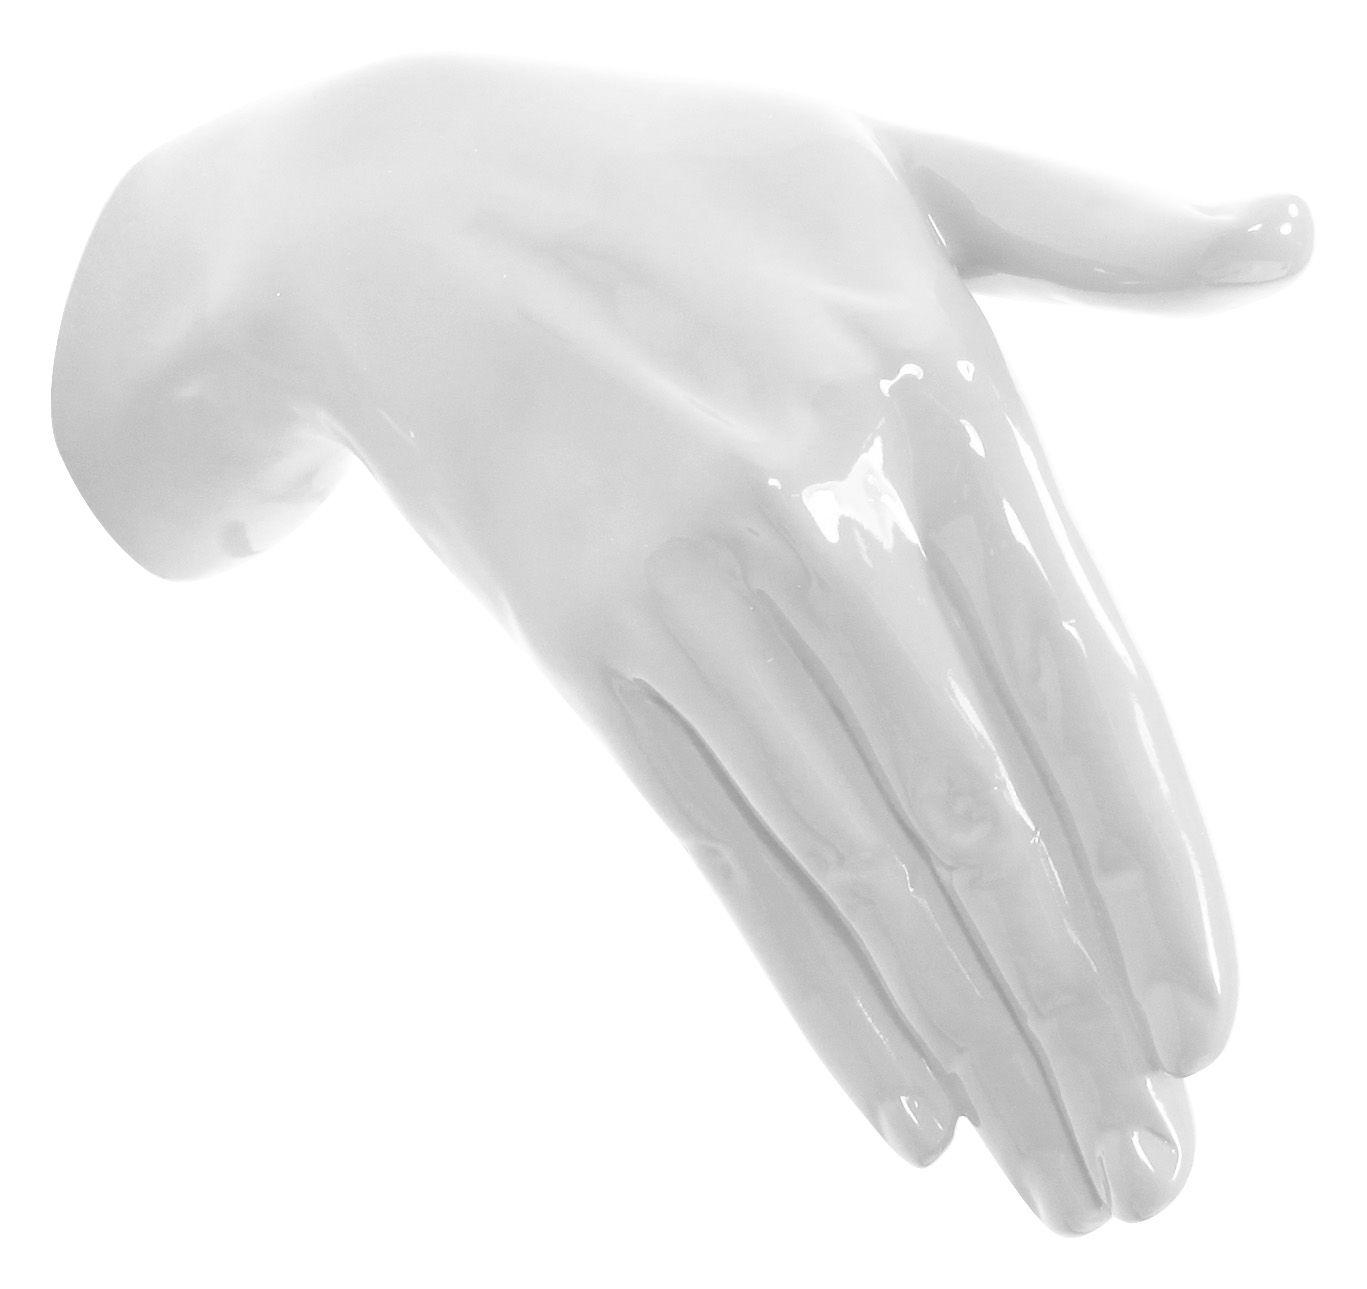 Arredamento - Appendiabiti  - Appendiabiti Hand Job - Shake di Thelermont Hupton - Bianco - Resina laccata